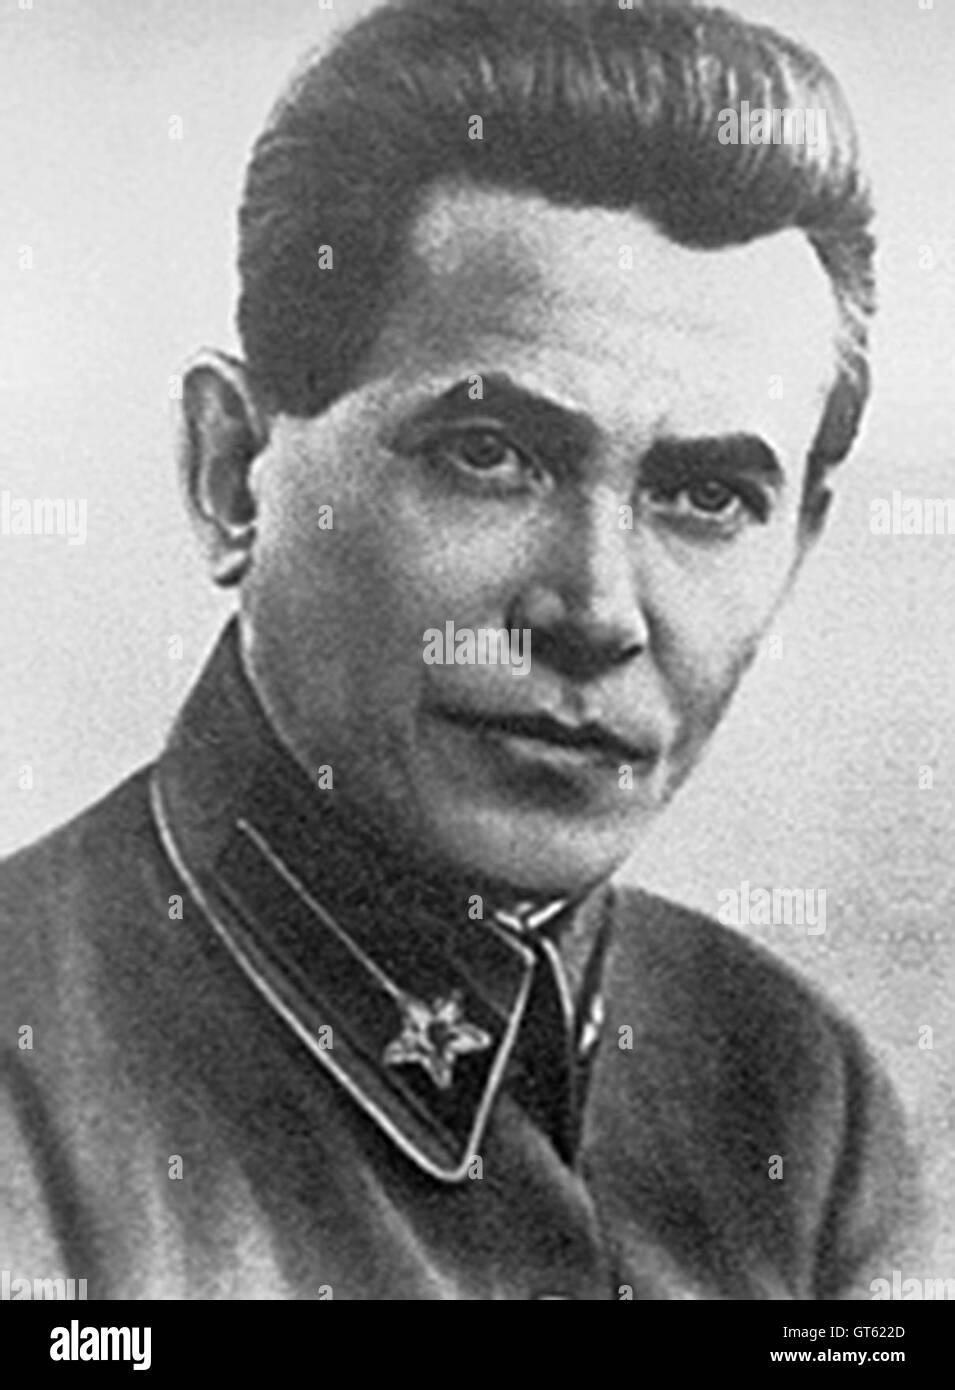 Nikolai Yezhov, Nikolai Ivanovich Yezhov, Soviet secret police official under Joseph Stalin - Stock Image